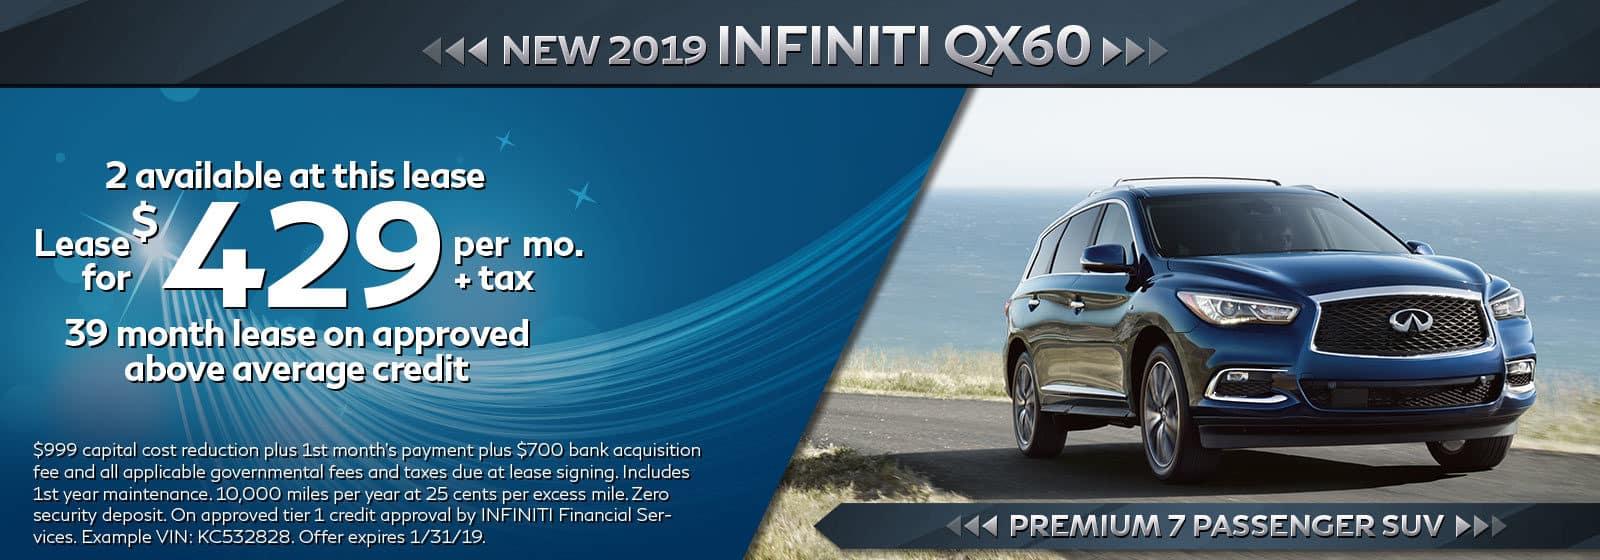 QX60-Jan